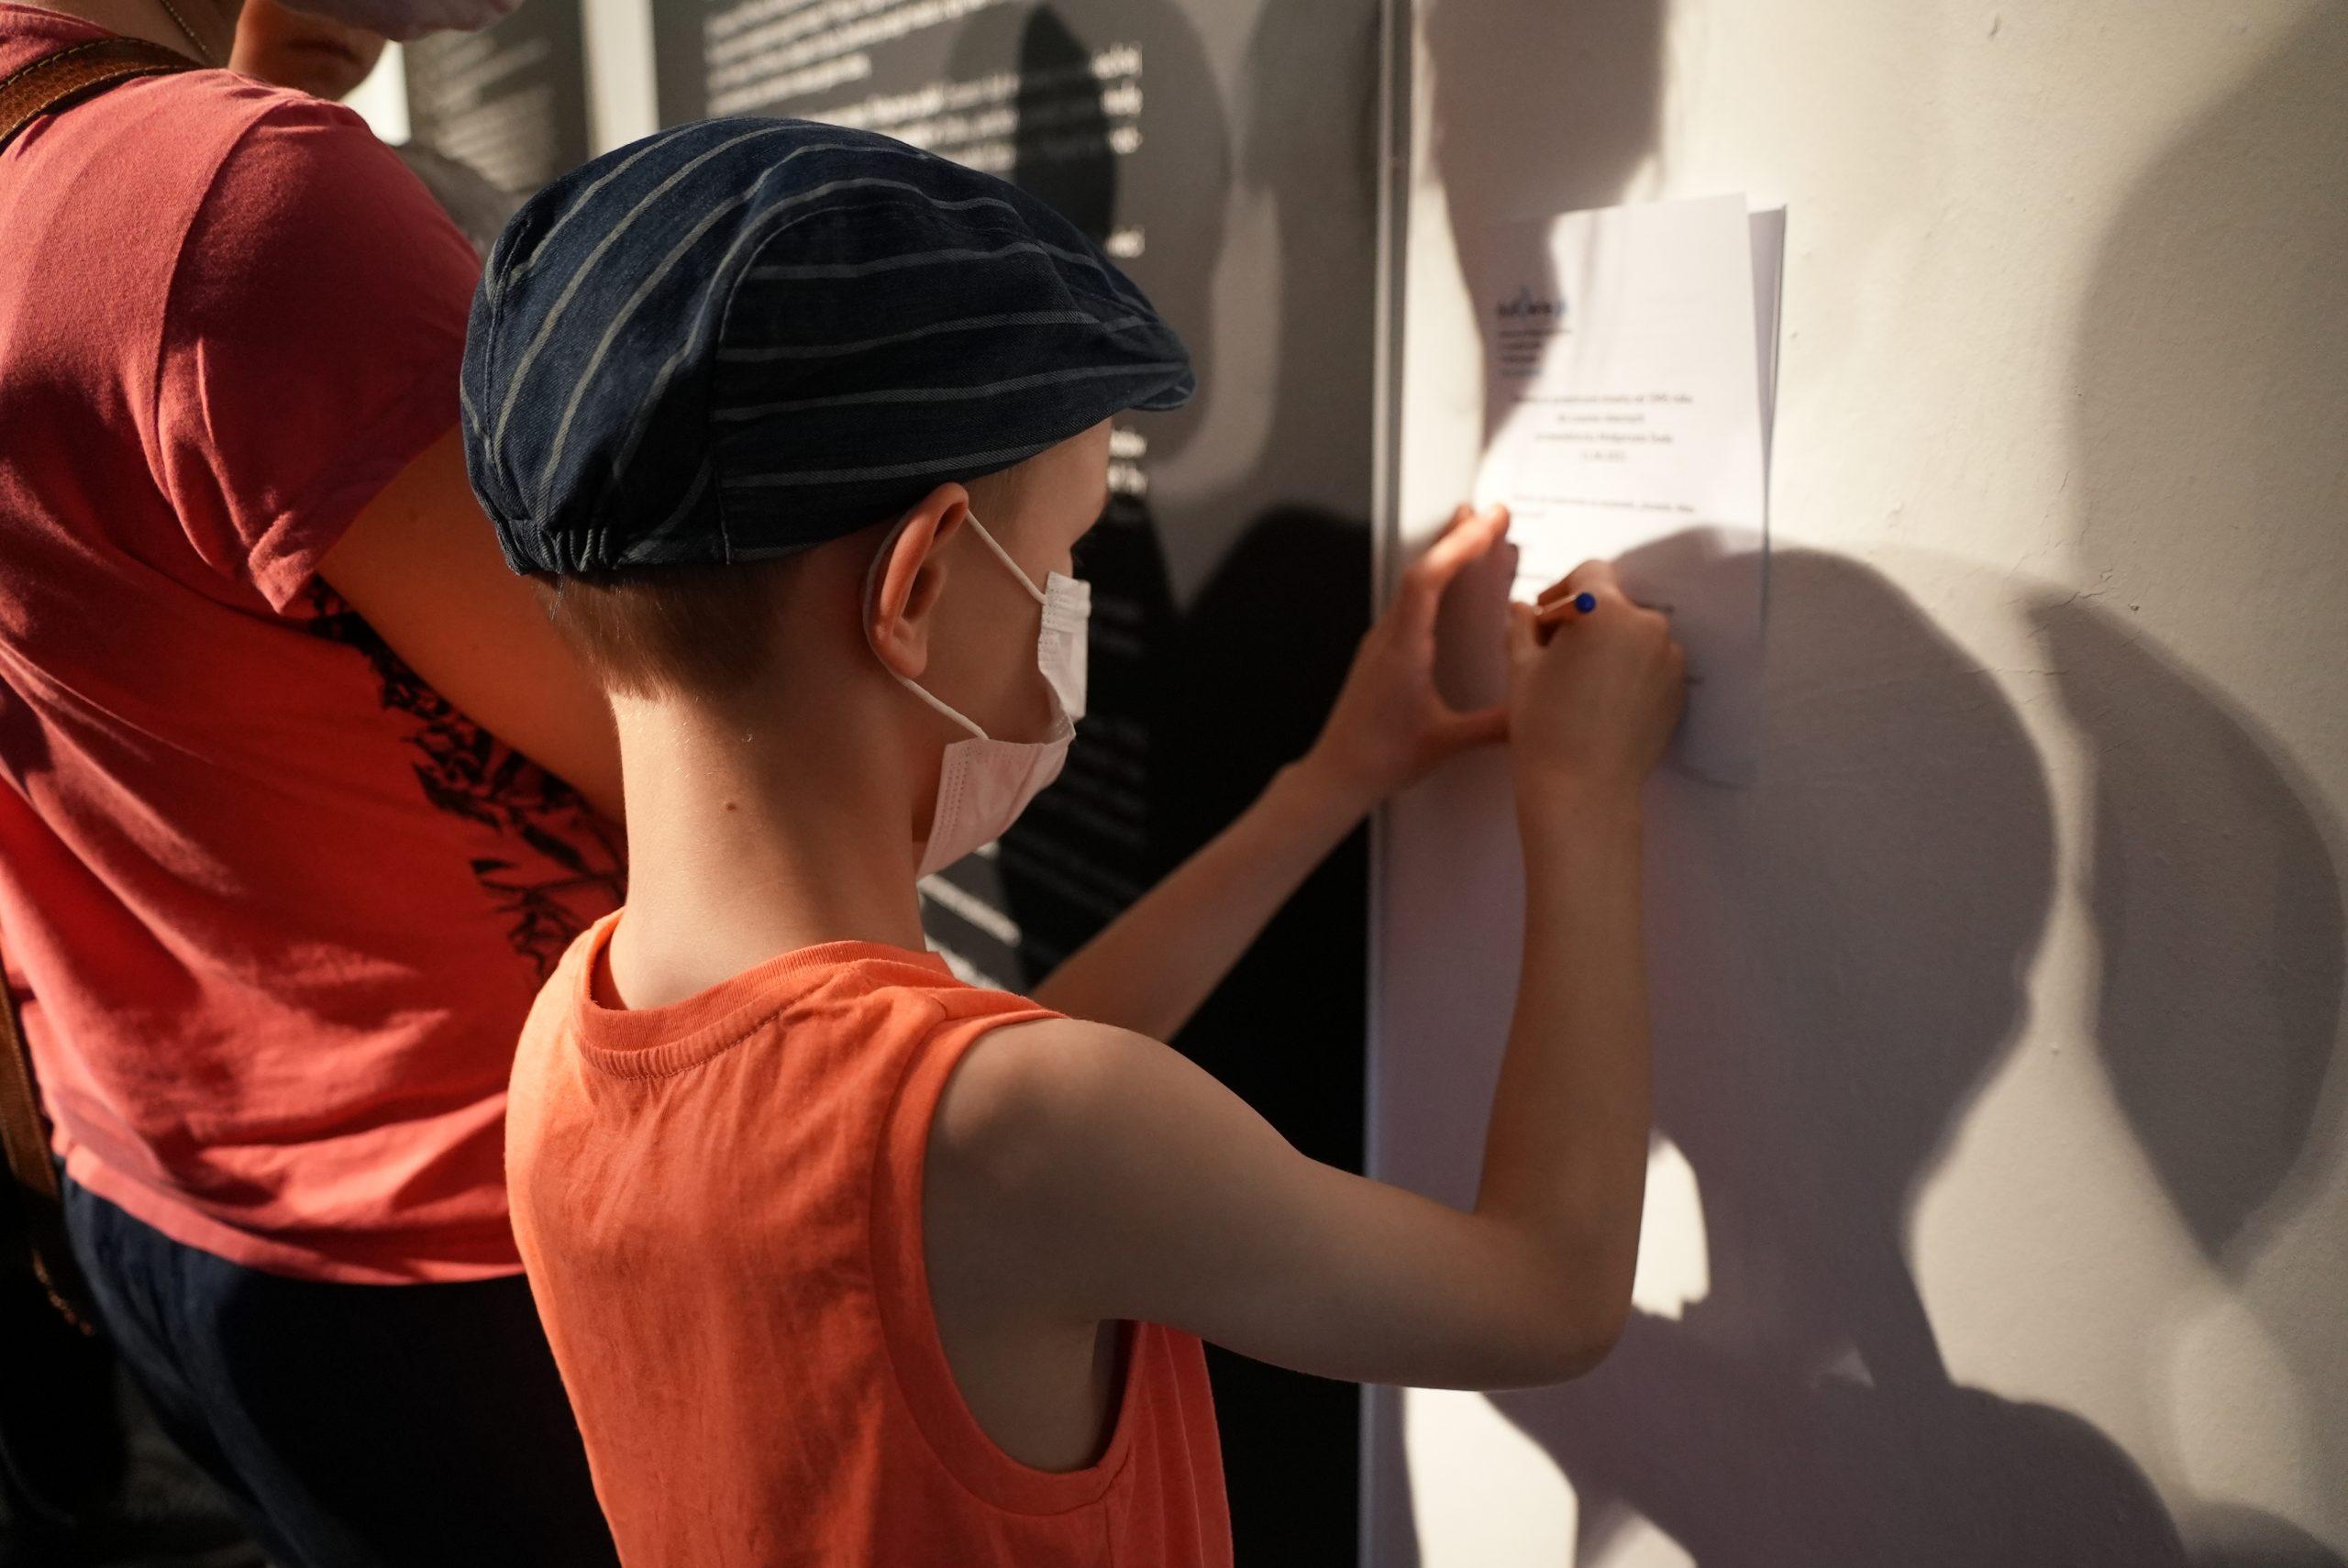 Chłopiec zapisuje coś nakartce